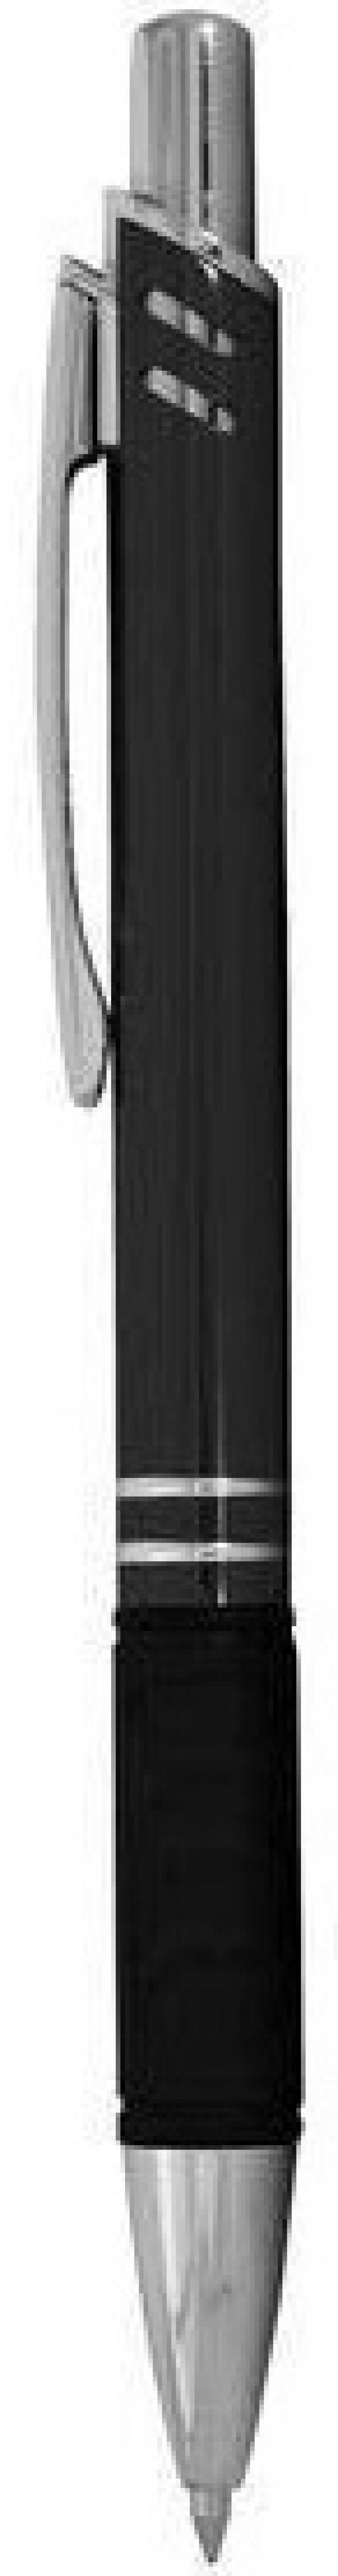 Шариковая ручка автоматическая Index IMWT1134/BK/бшк синий 0.5 мм IMWT1134/BK/бшк цена